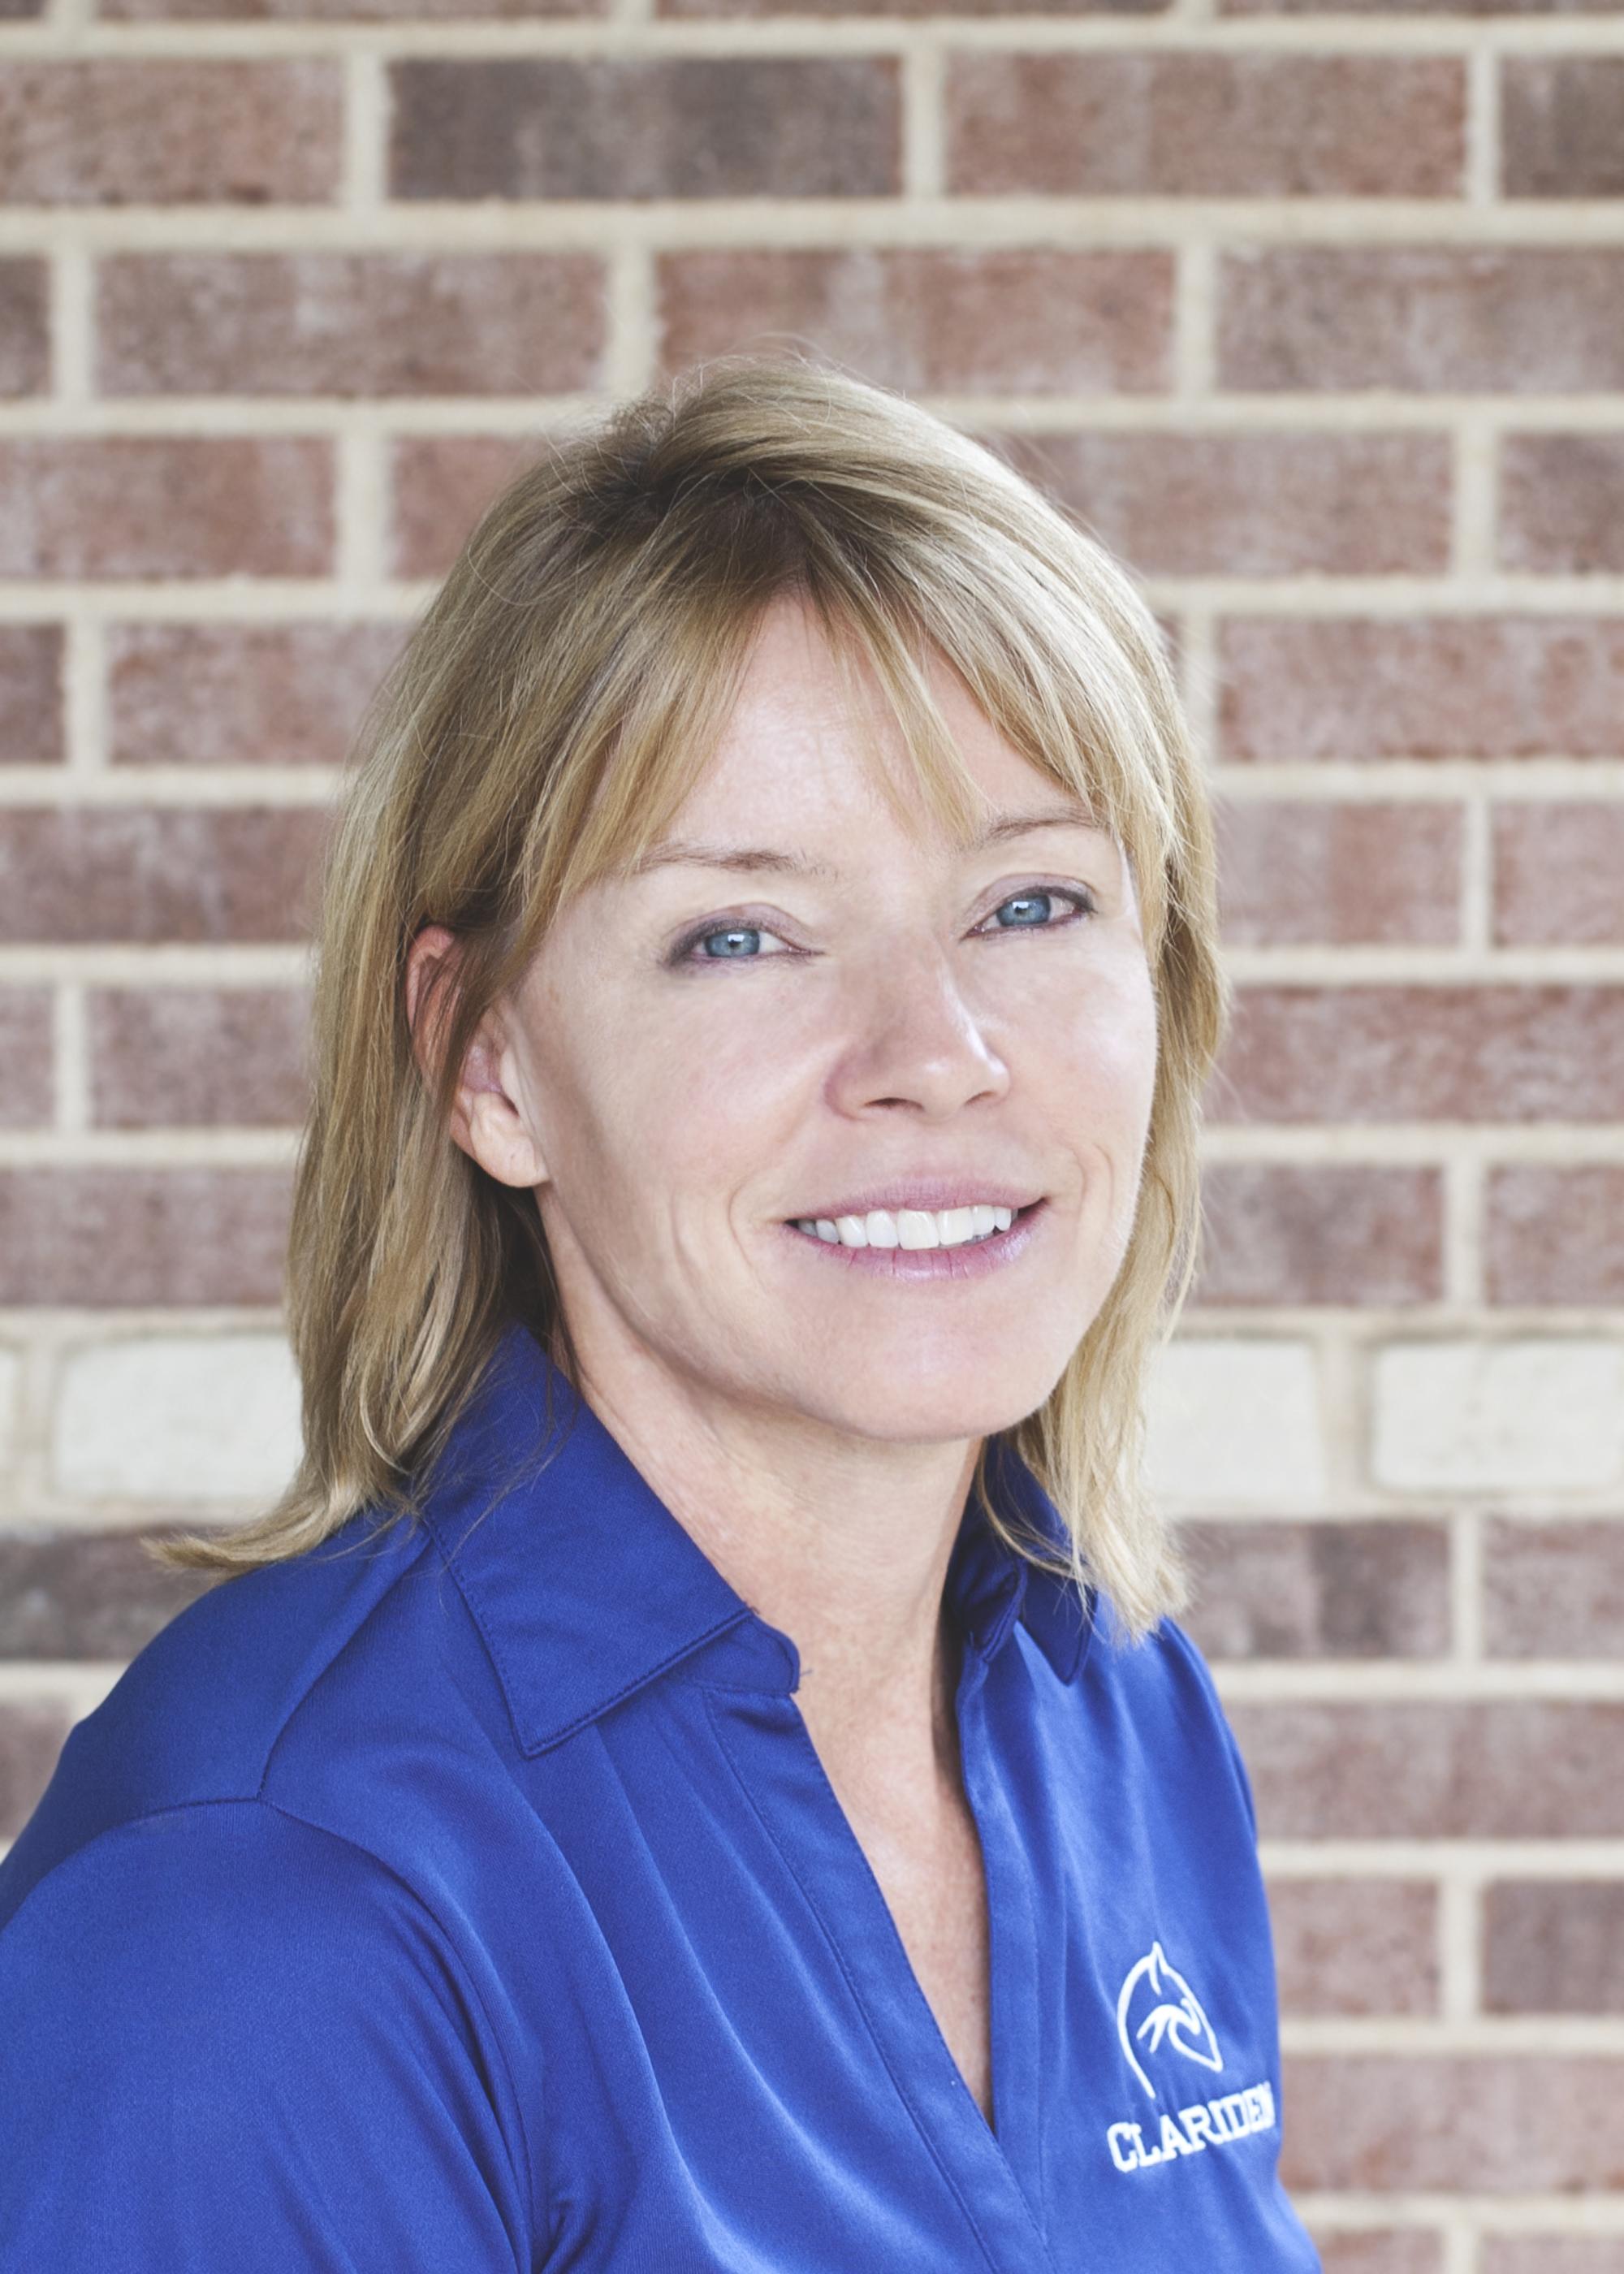 Connie Kazewych